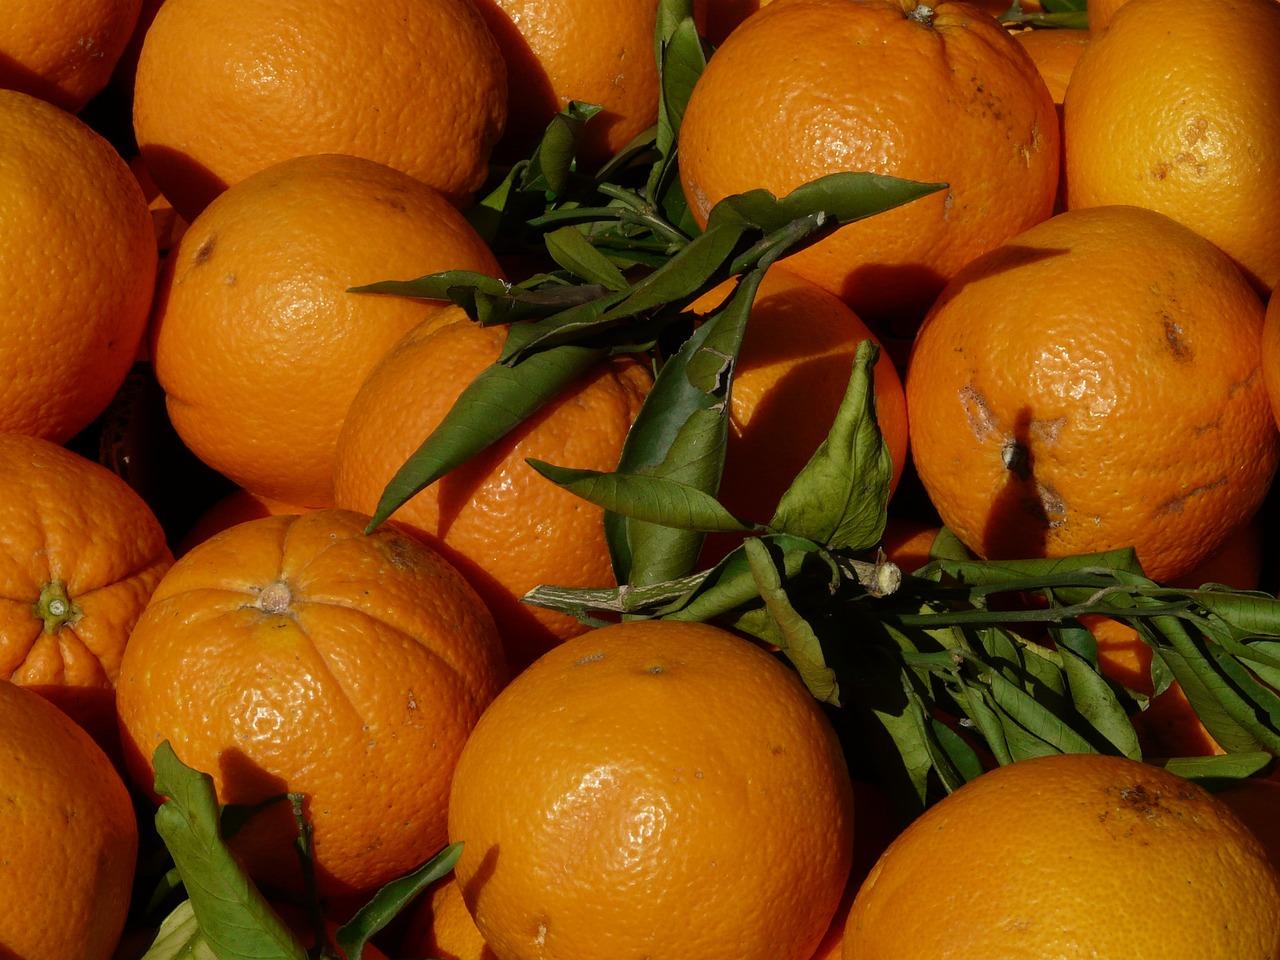 свежие апельсины картинки группе